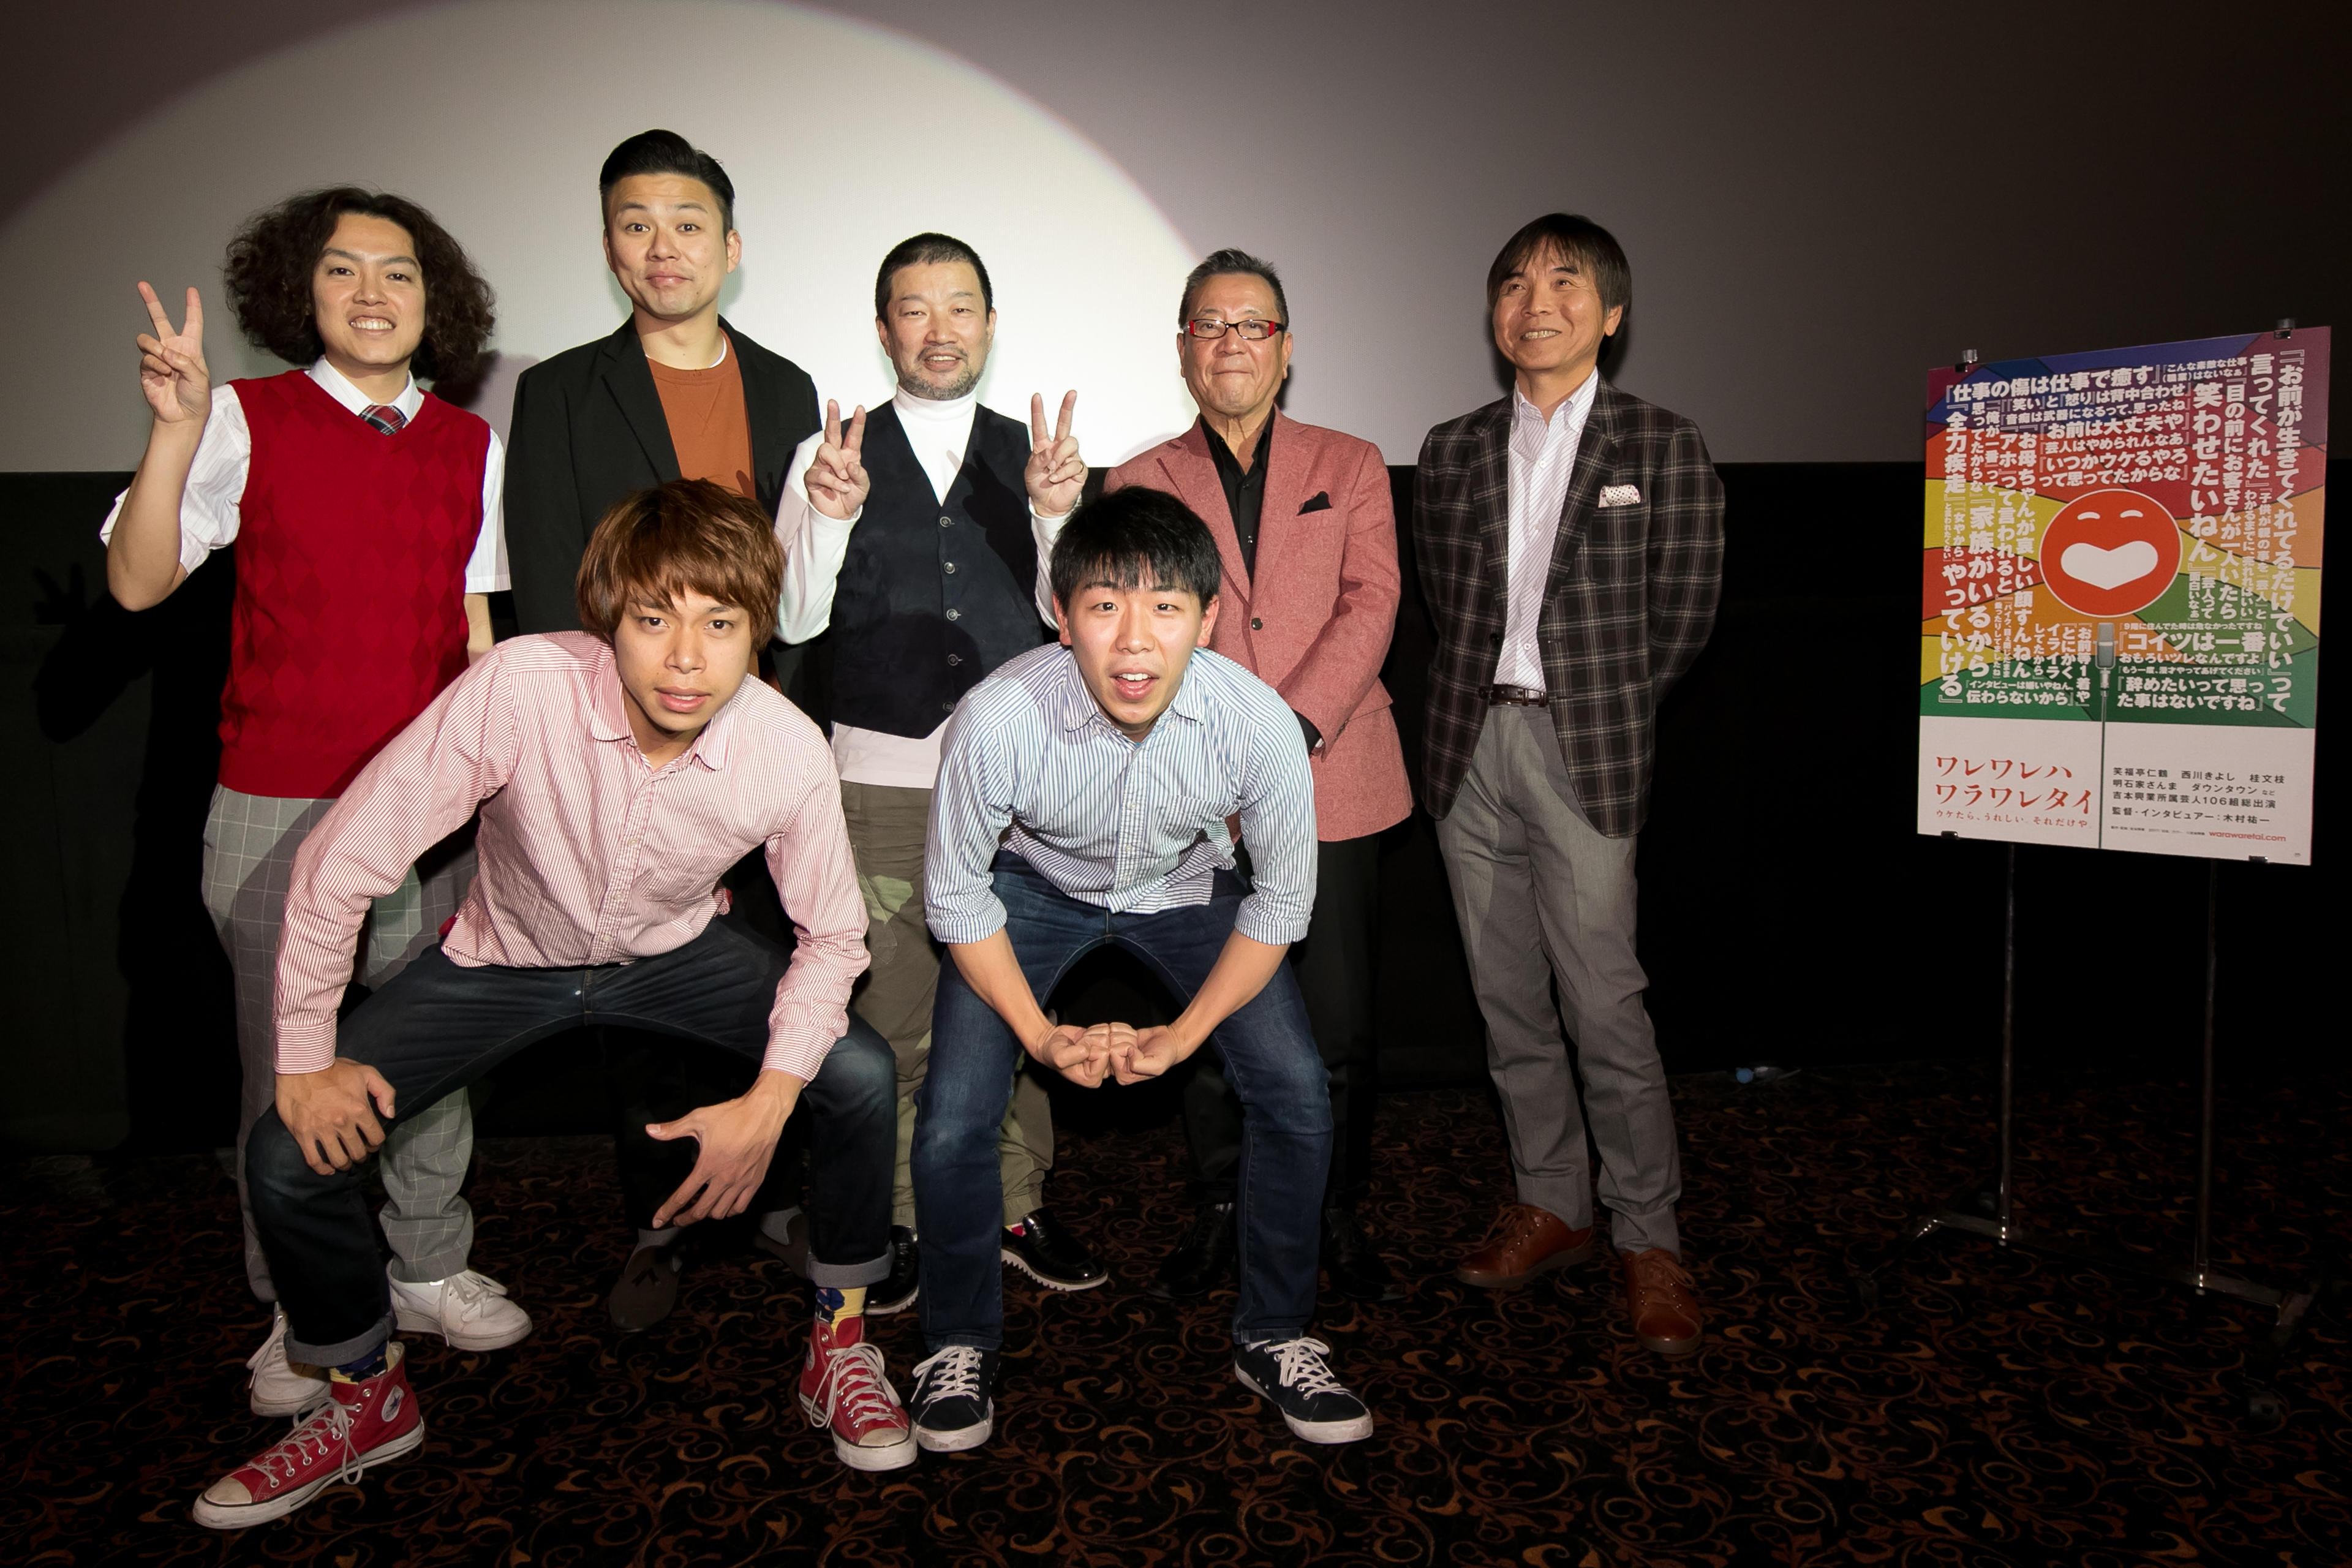 http://news.yoshimoto.co.jp/20171206171955-8b61a1d7c89eccec7180ffb1ecd7d8e98c06bc3e.jpg